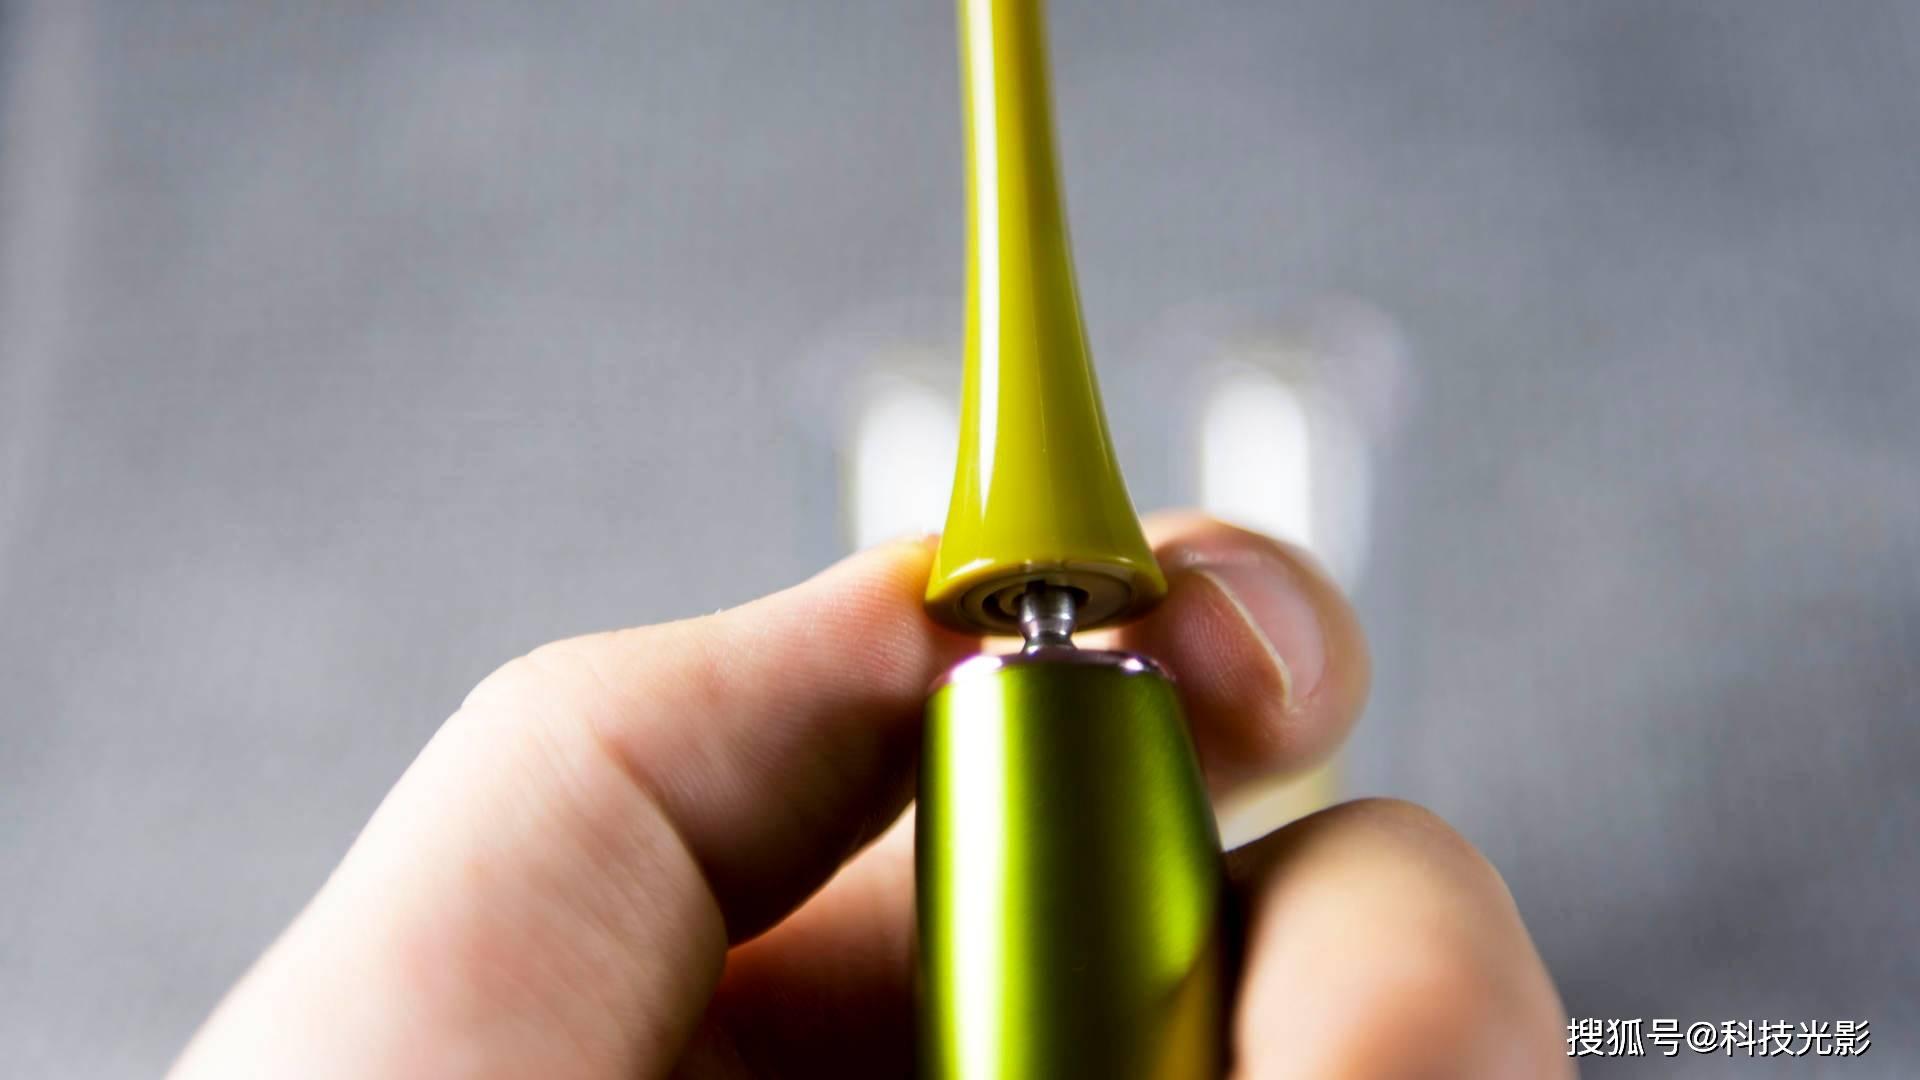 原创             罗曼 T10S小果刷体验:轻薄手感、唇齿清新、电动牙刷更护齿